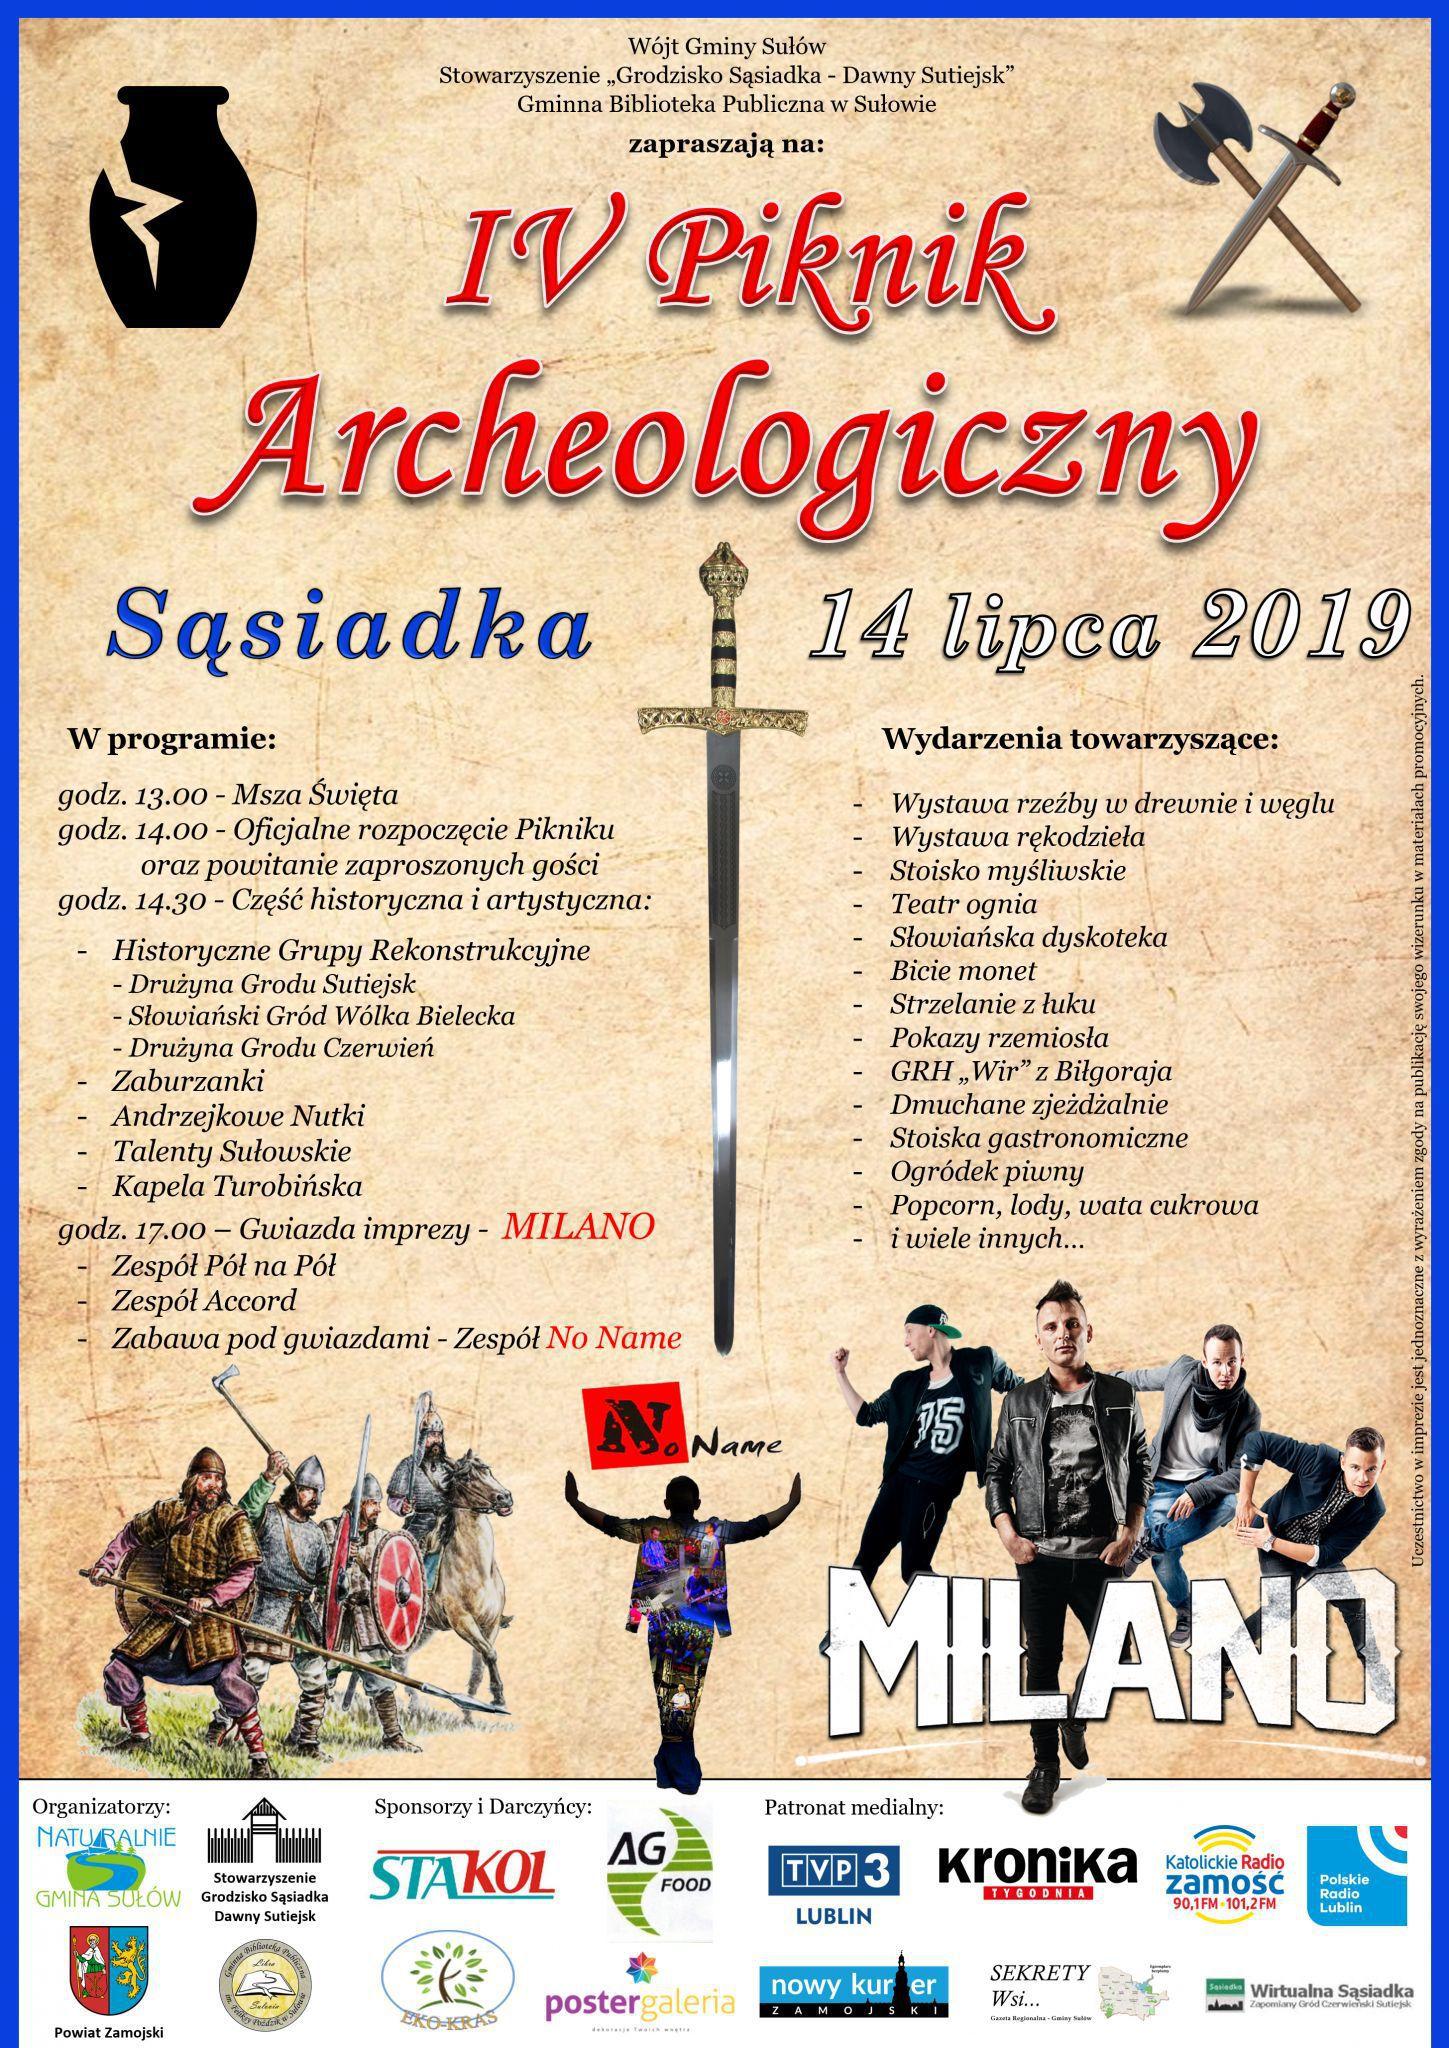 plakat sasiadka 2019 Gm. Sułów: Piknik Archeologiczny w Sąsiadce. Gwiazdą imprezy będzie zespół Milano